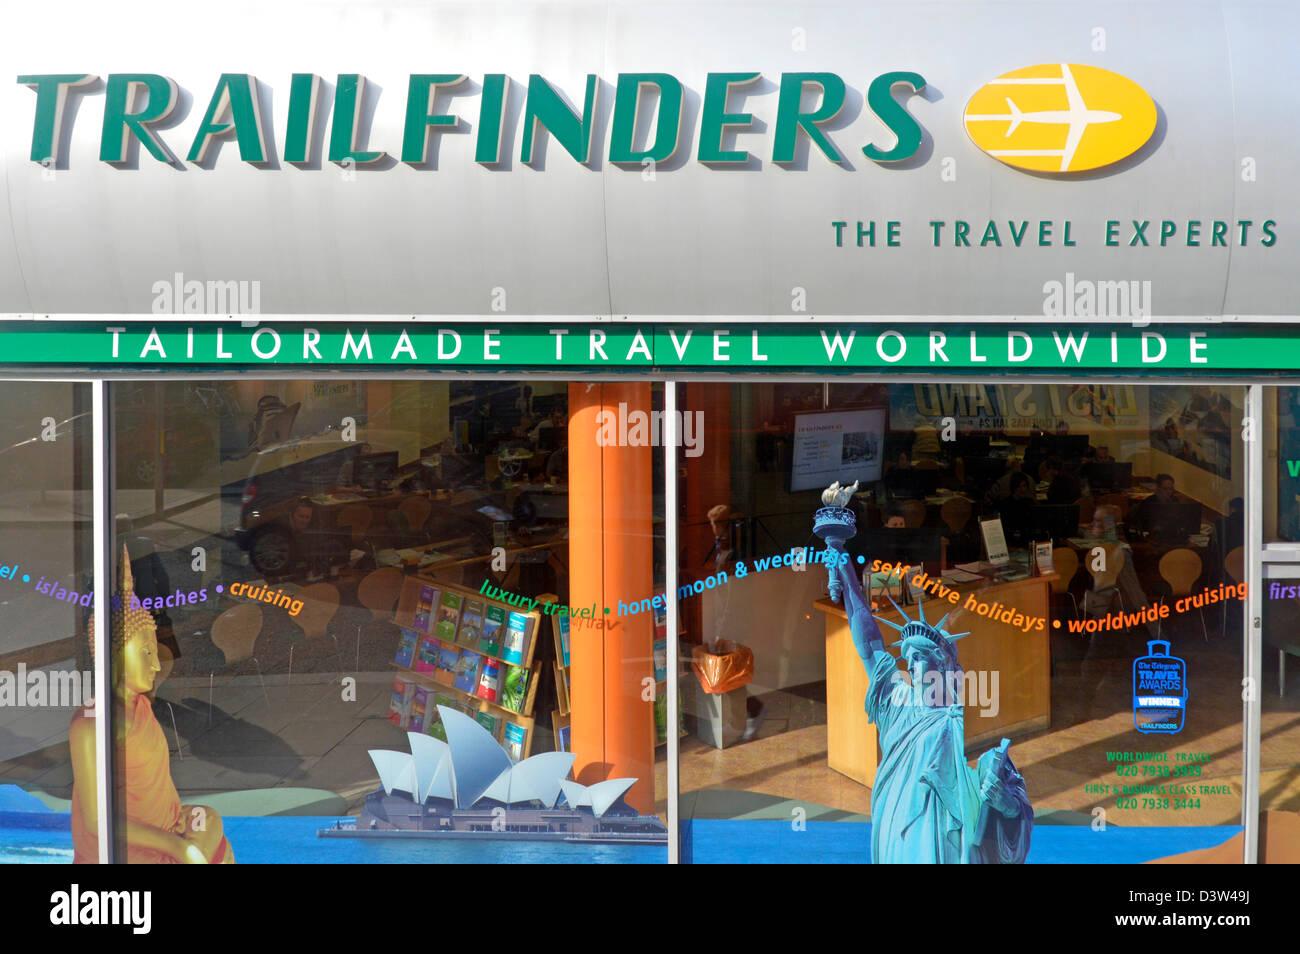 Agents de voyage boutique Trailfinders fenêtre avant Photo Stock